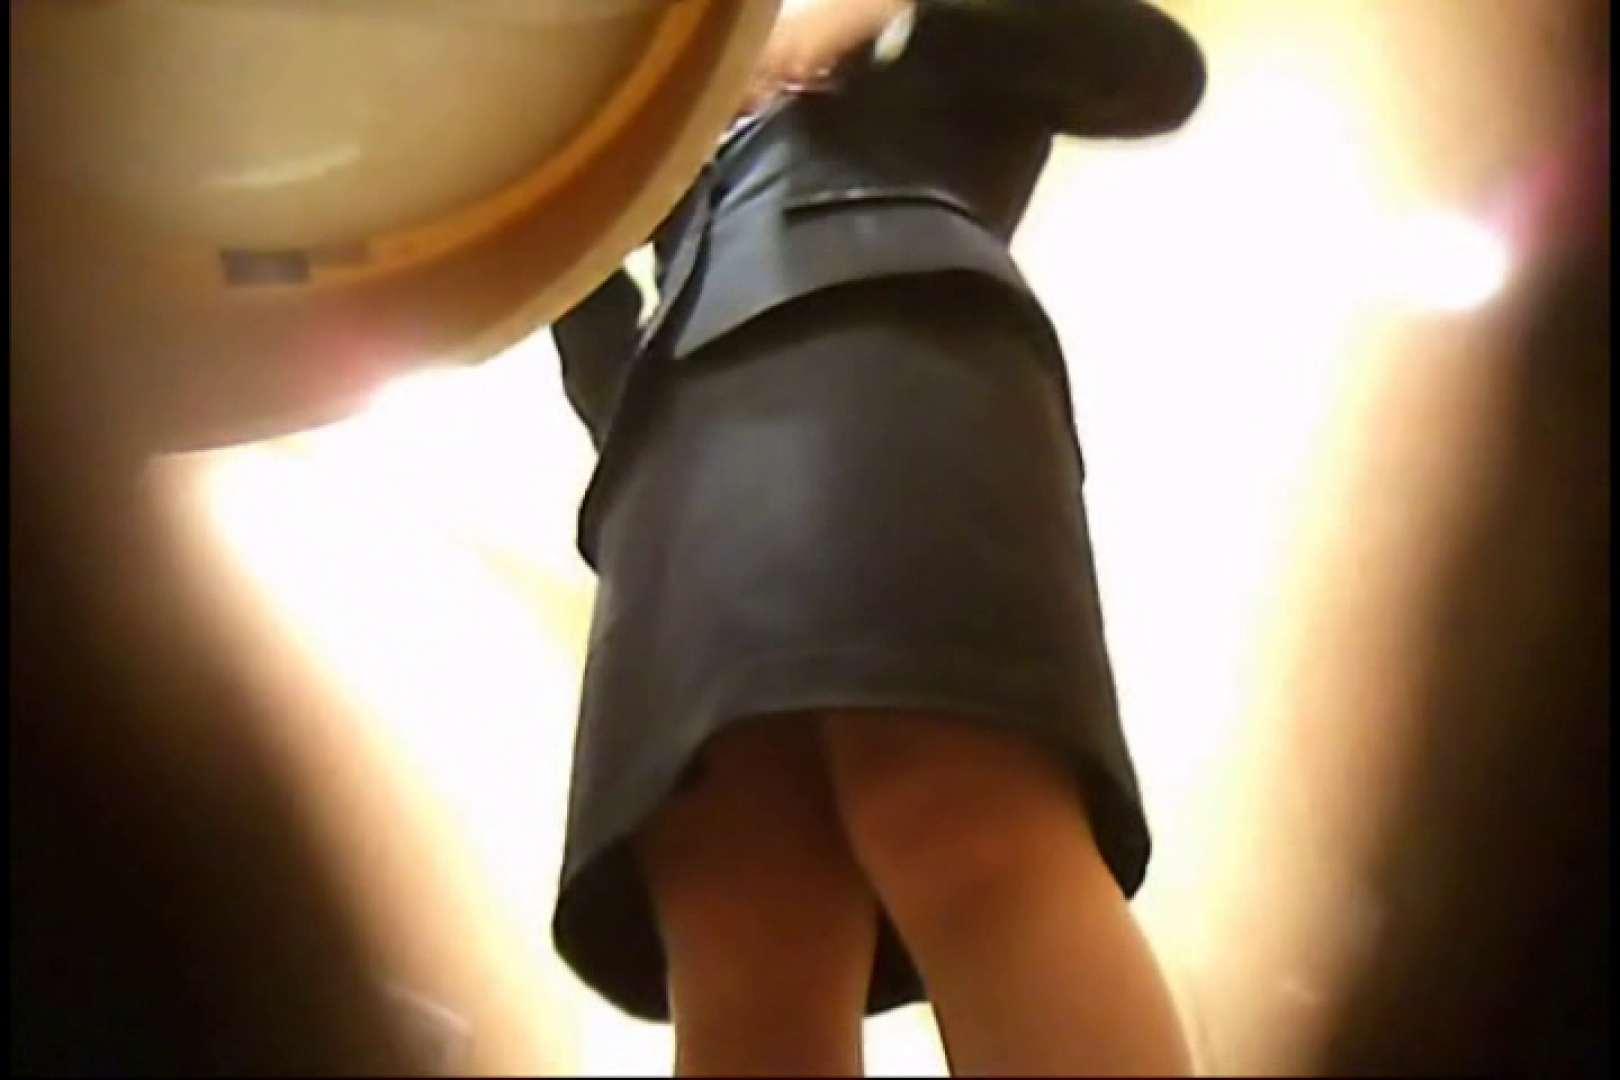 画質向上!新亀さん厠 vol.13 厠・・・ 盗み撮り動画 111PIX 48